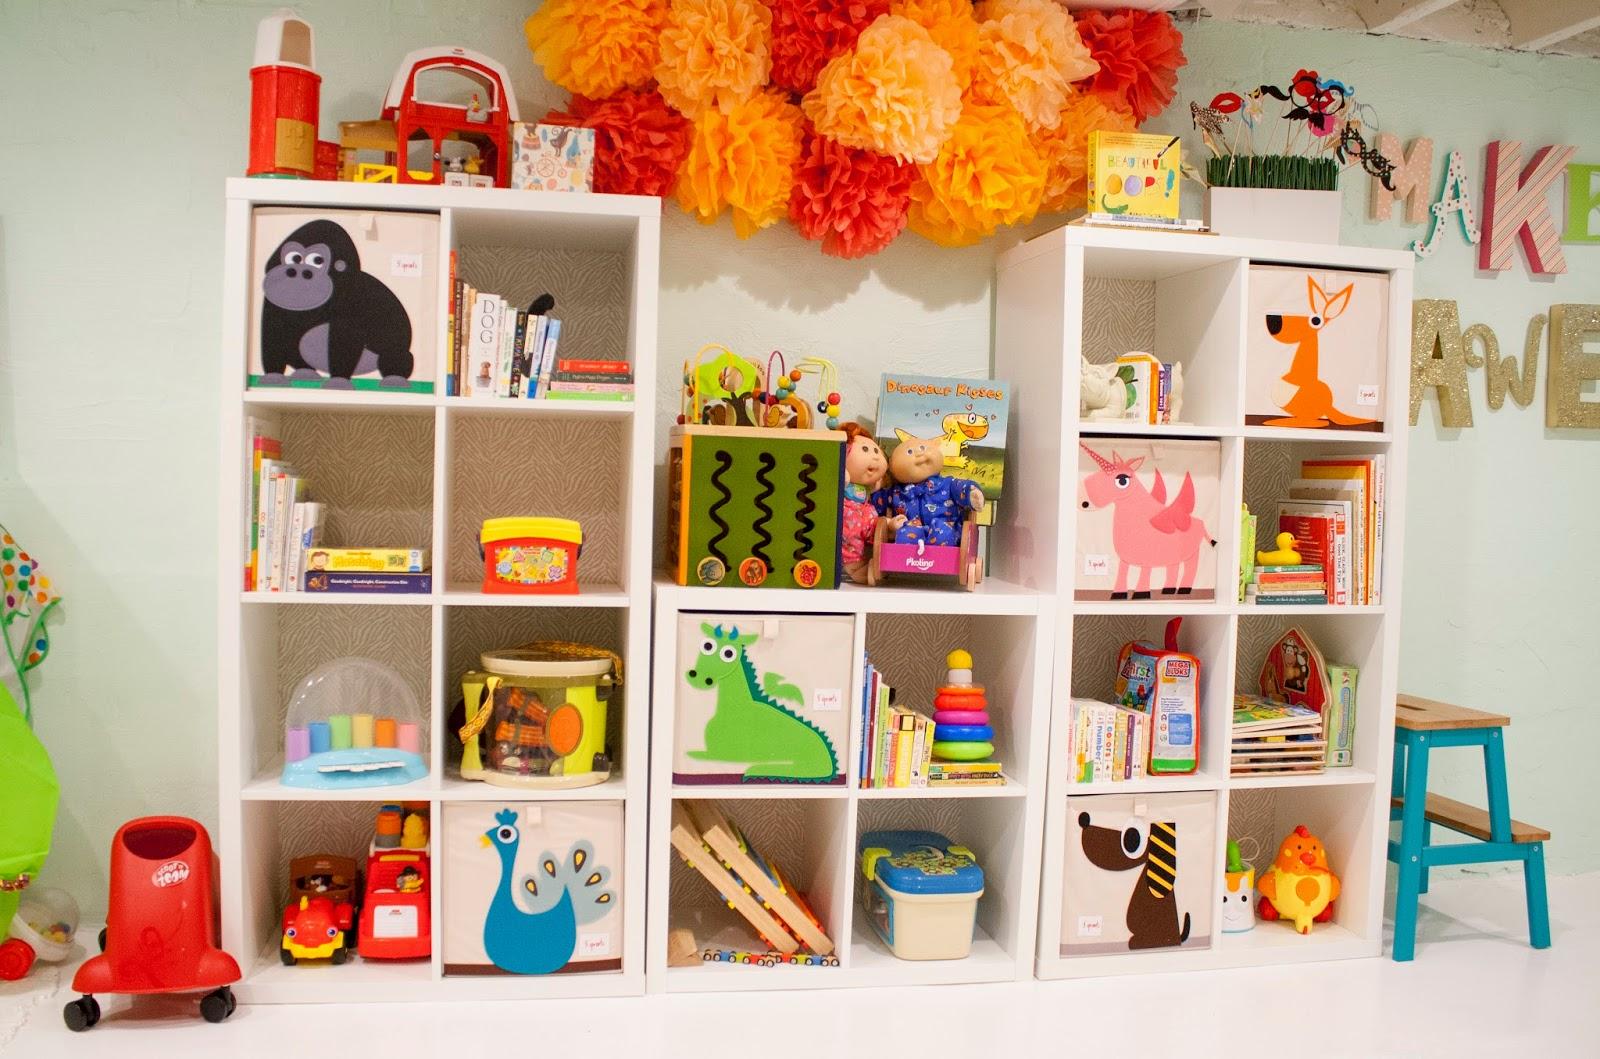 Speelgoed opslag, ikea and speelgoed on pinterest